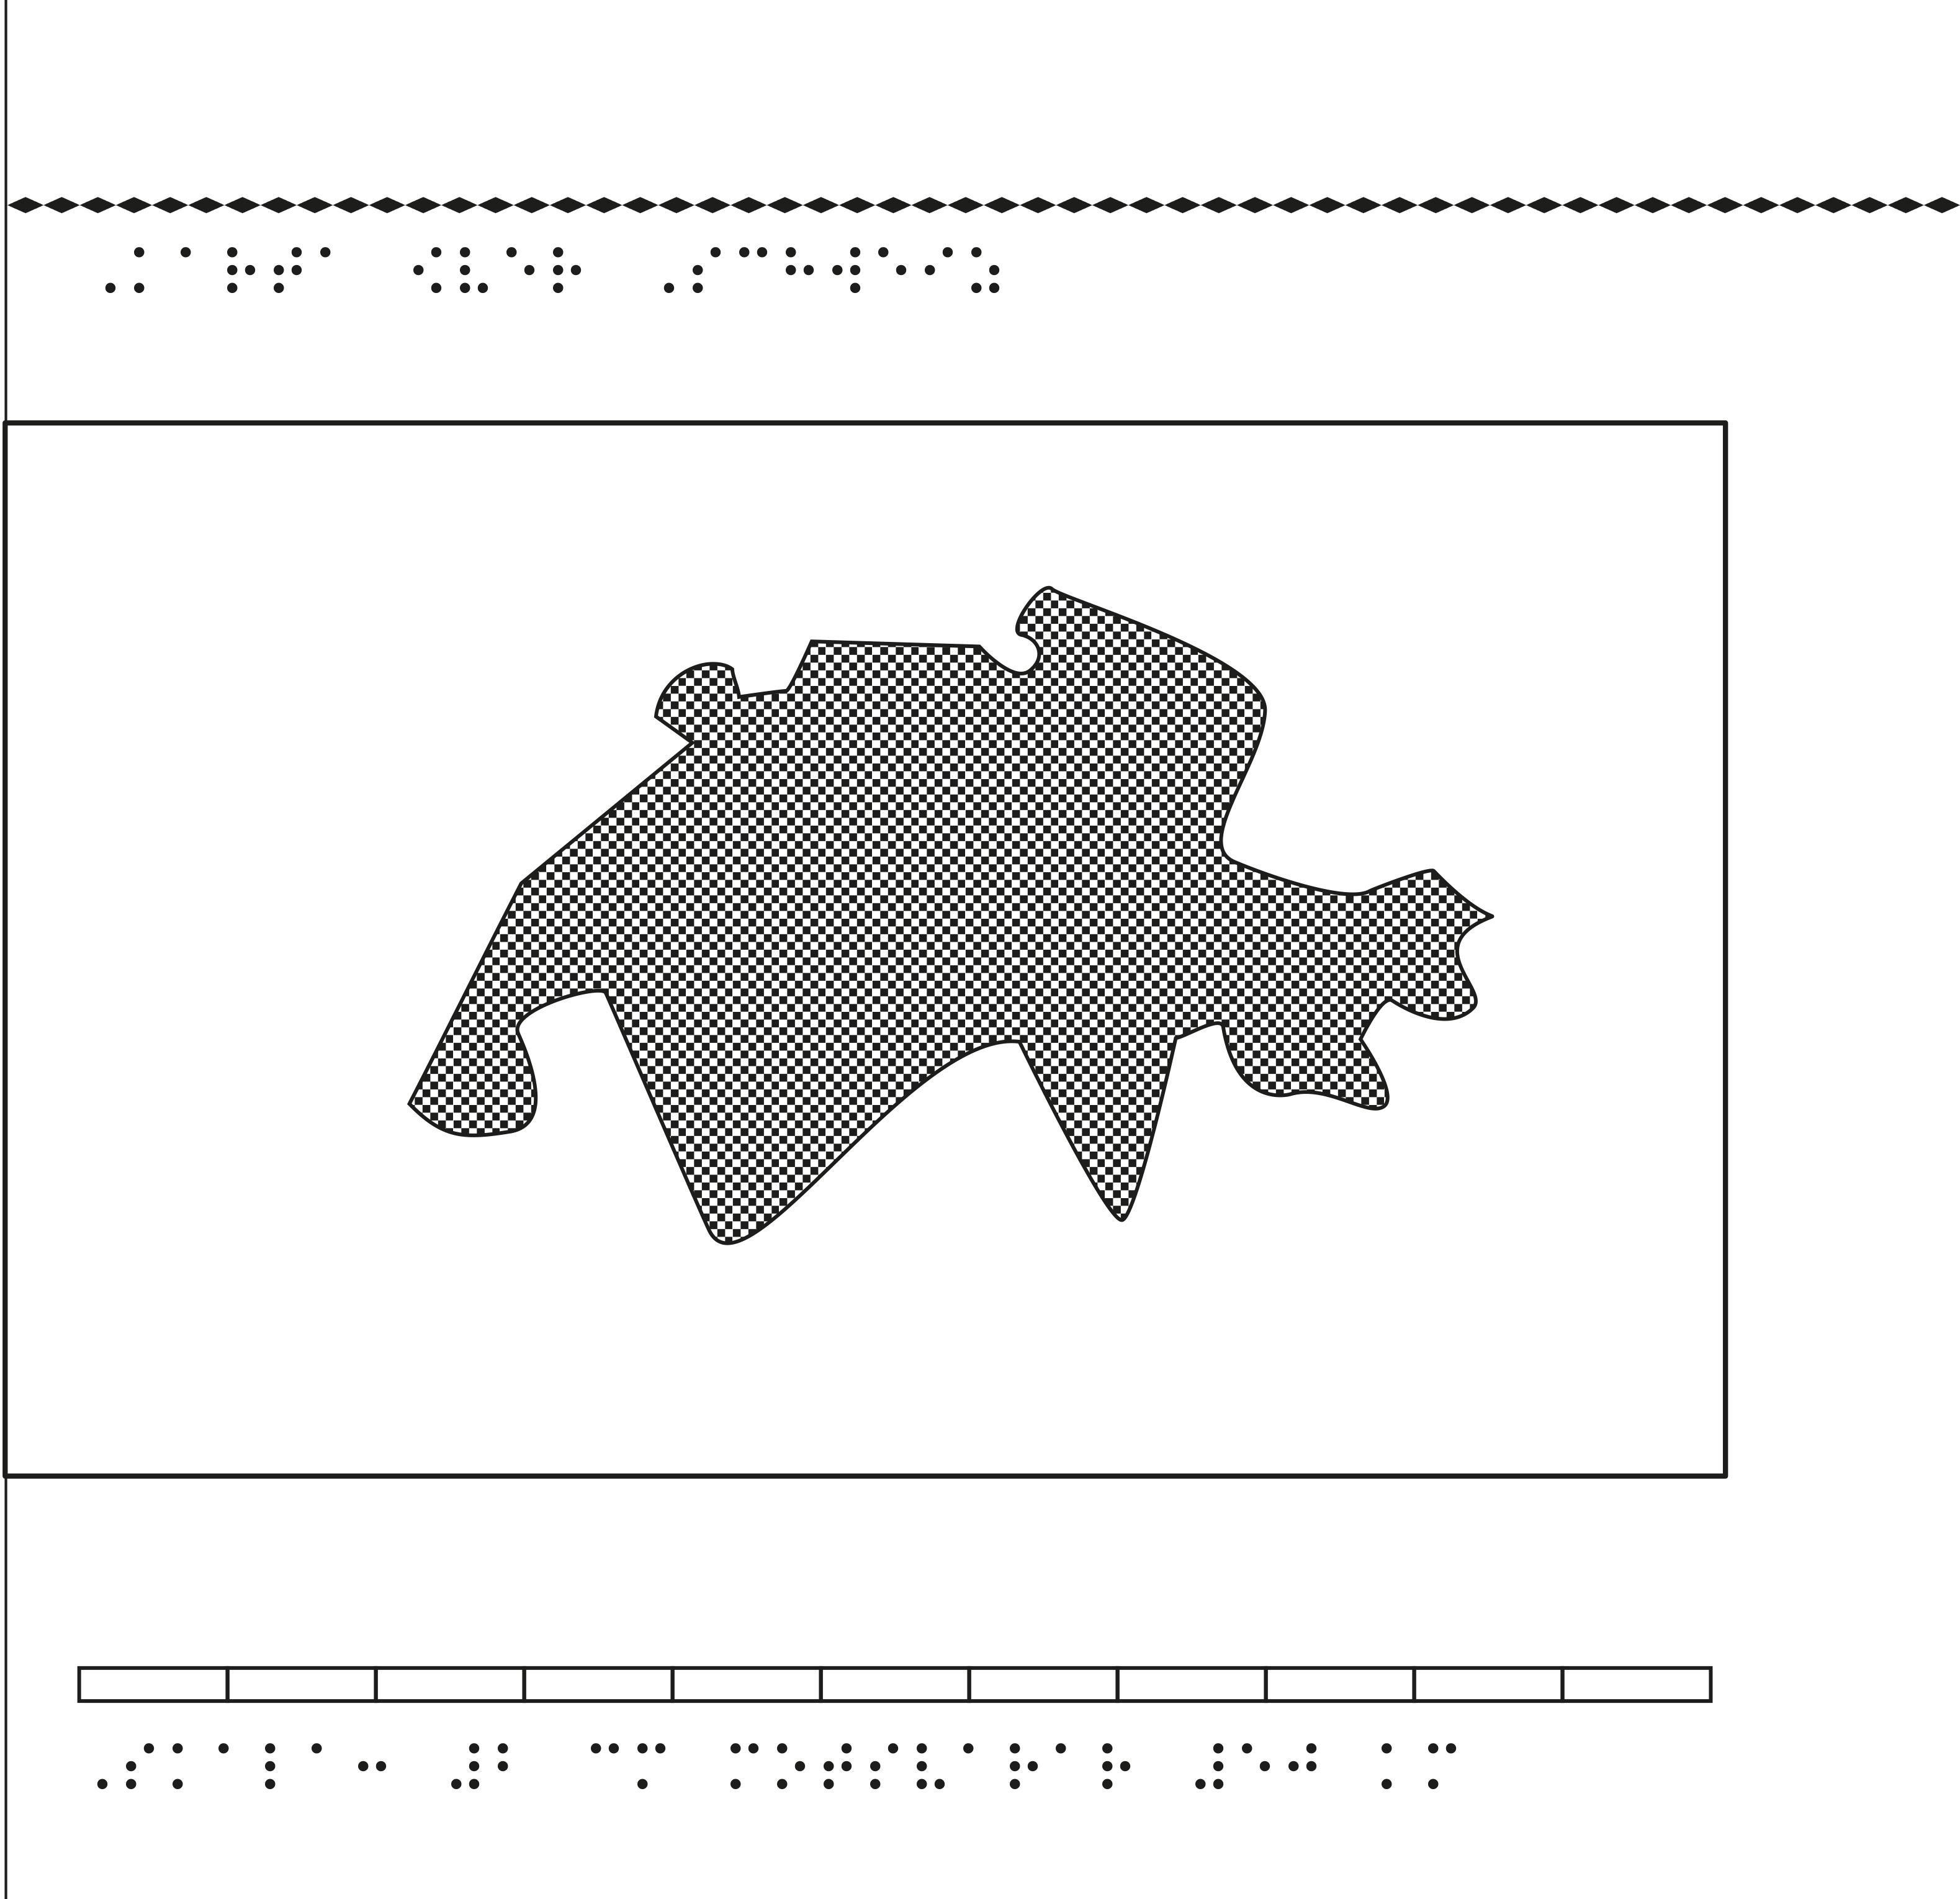 Karta över Schweiz i relief med tillhörande punktskrift.